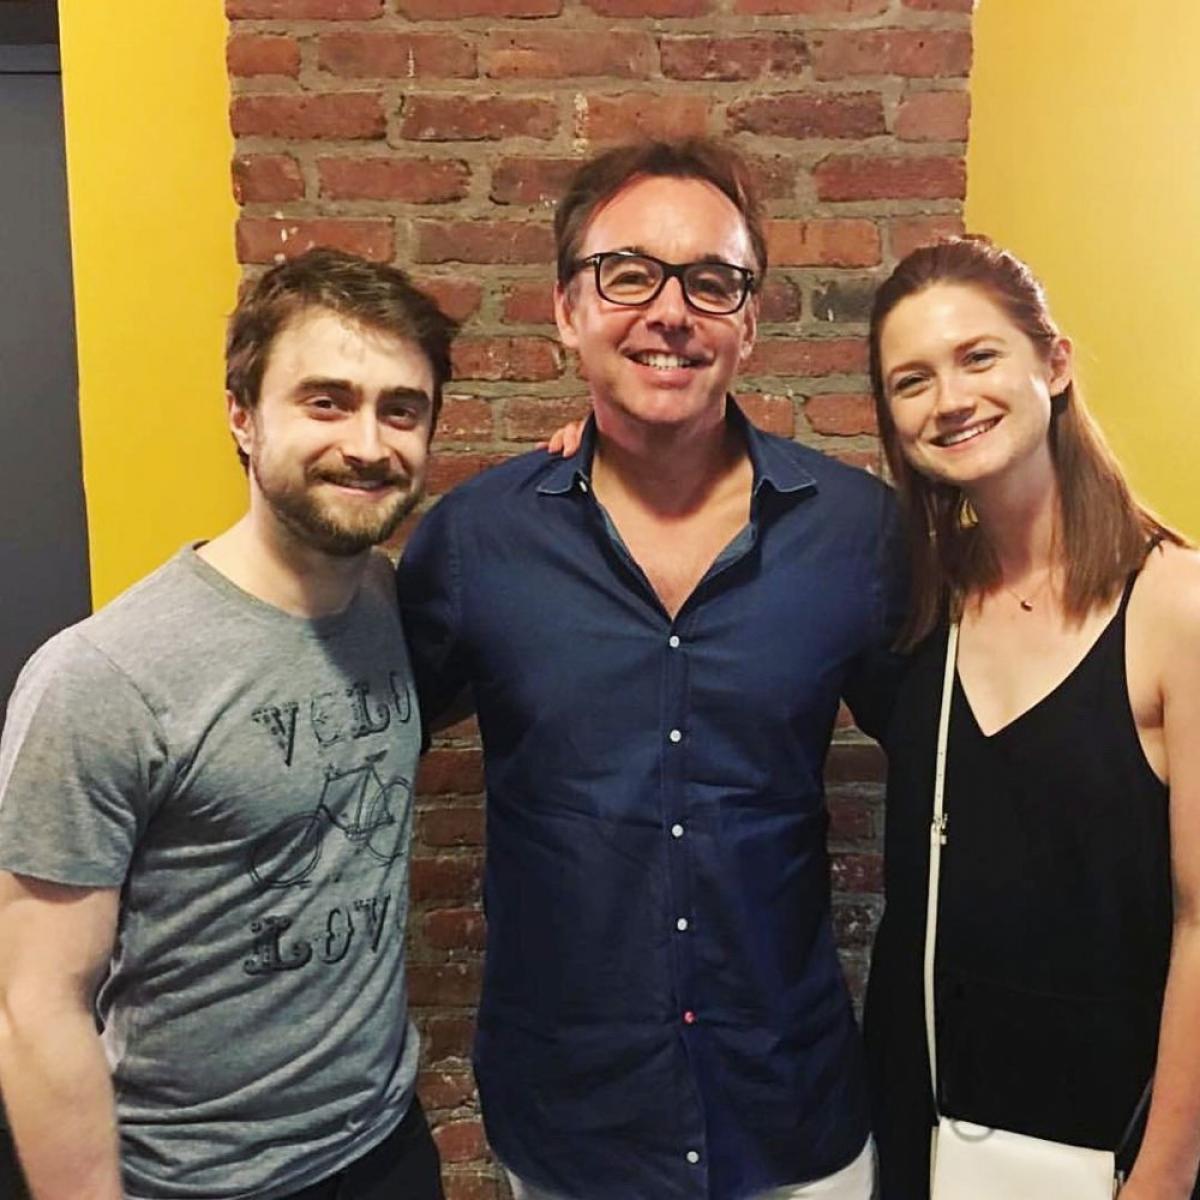 """Tháng 7/2016, Bonnie Wright tái hợp với tình yêu trên màn ảnh của cô, Daniel Radcliffe, ở hậu trường vở kịch """"Privacy"""" của anh ấy. """"Tái hợp! Chúc mừng Dan về một màn trình diễn xuất sắc khác"""", cô chú thích cho bức ảnh."""